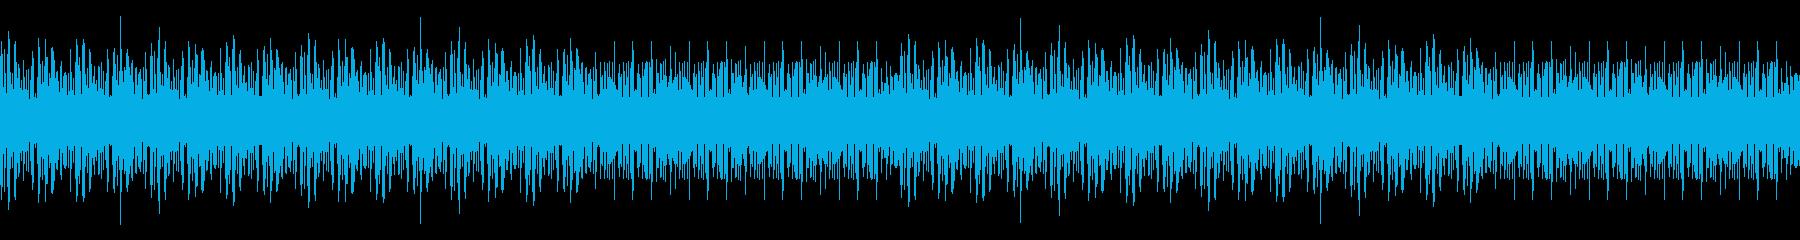 ドラムンベース・バトル・レースの再生済みの波形